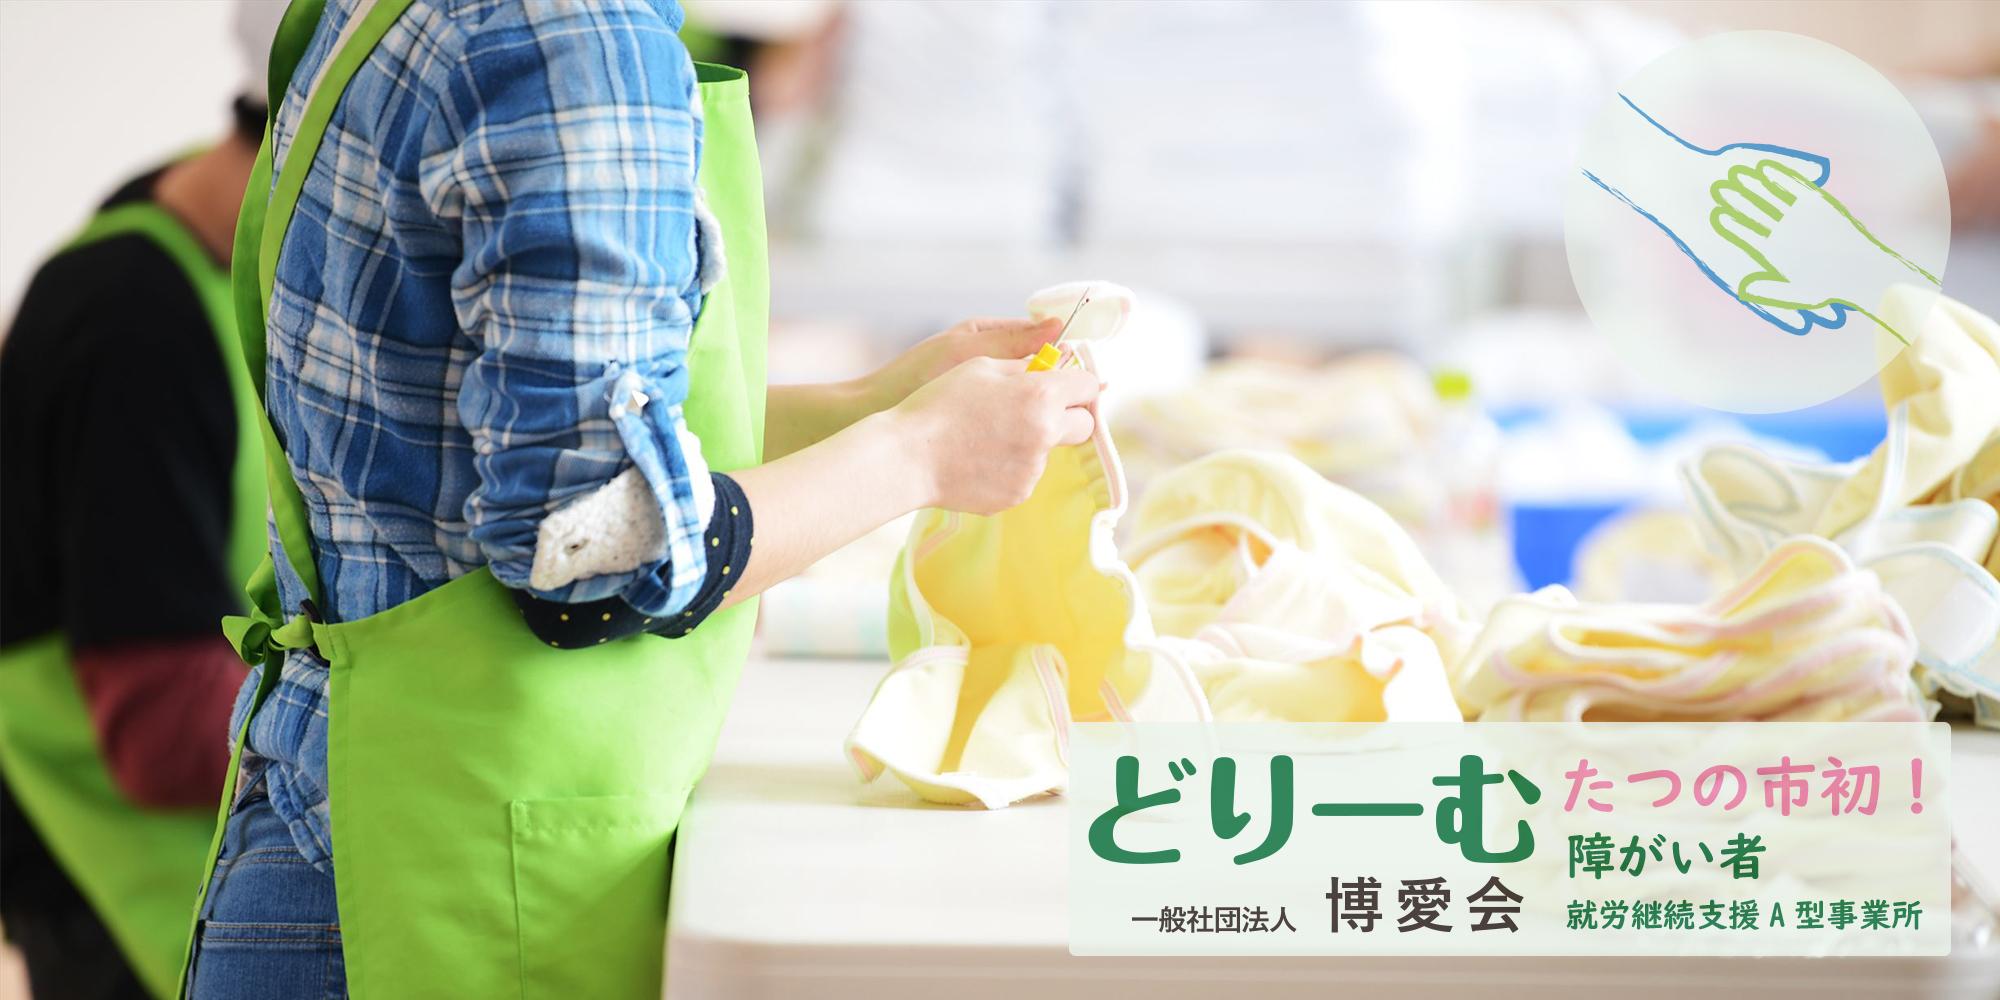 どりーむ(一般社団法人 博愛会)